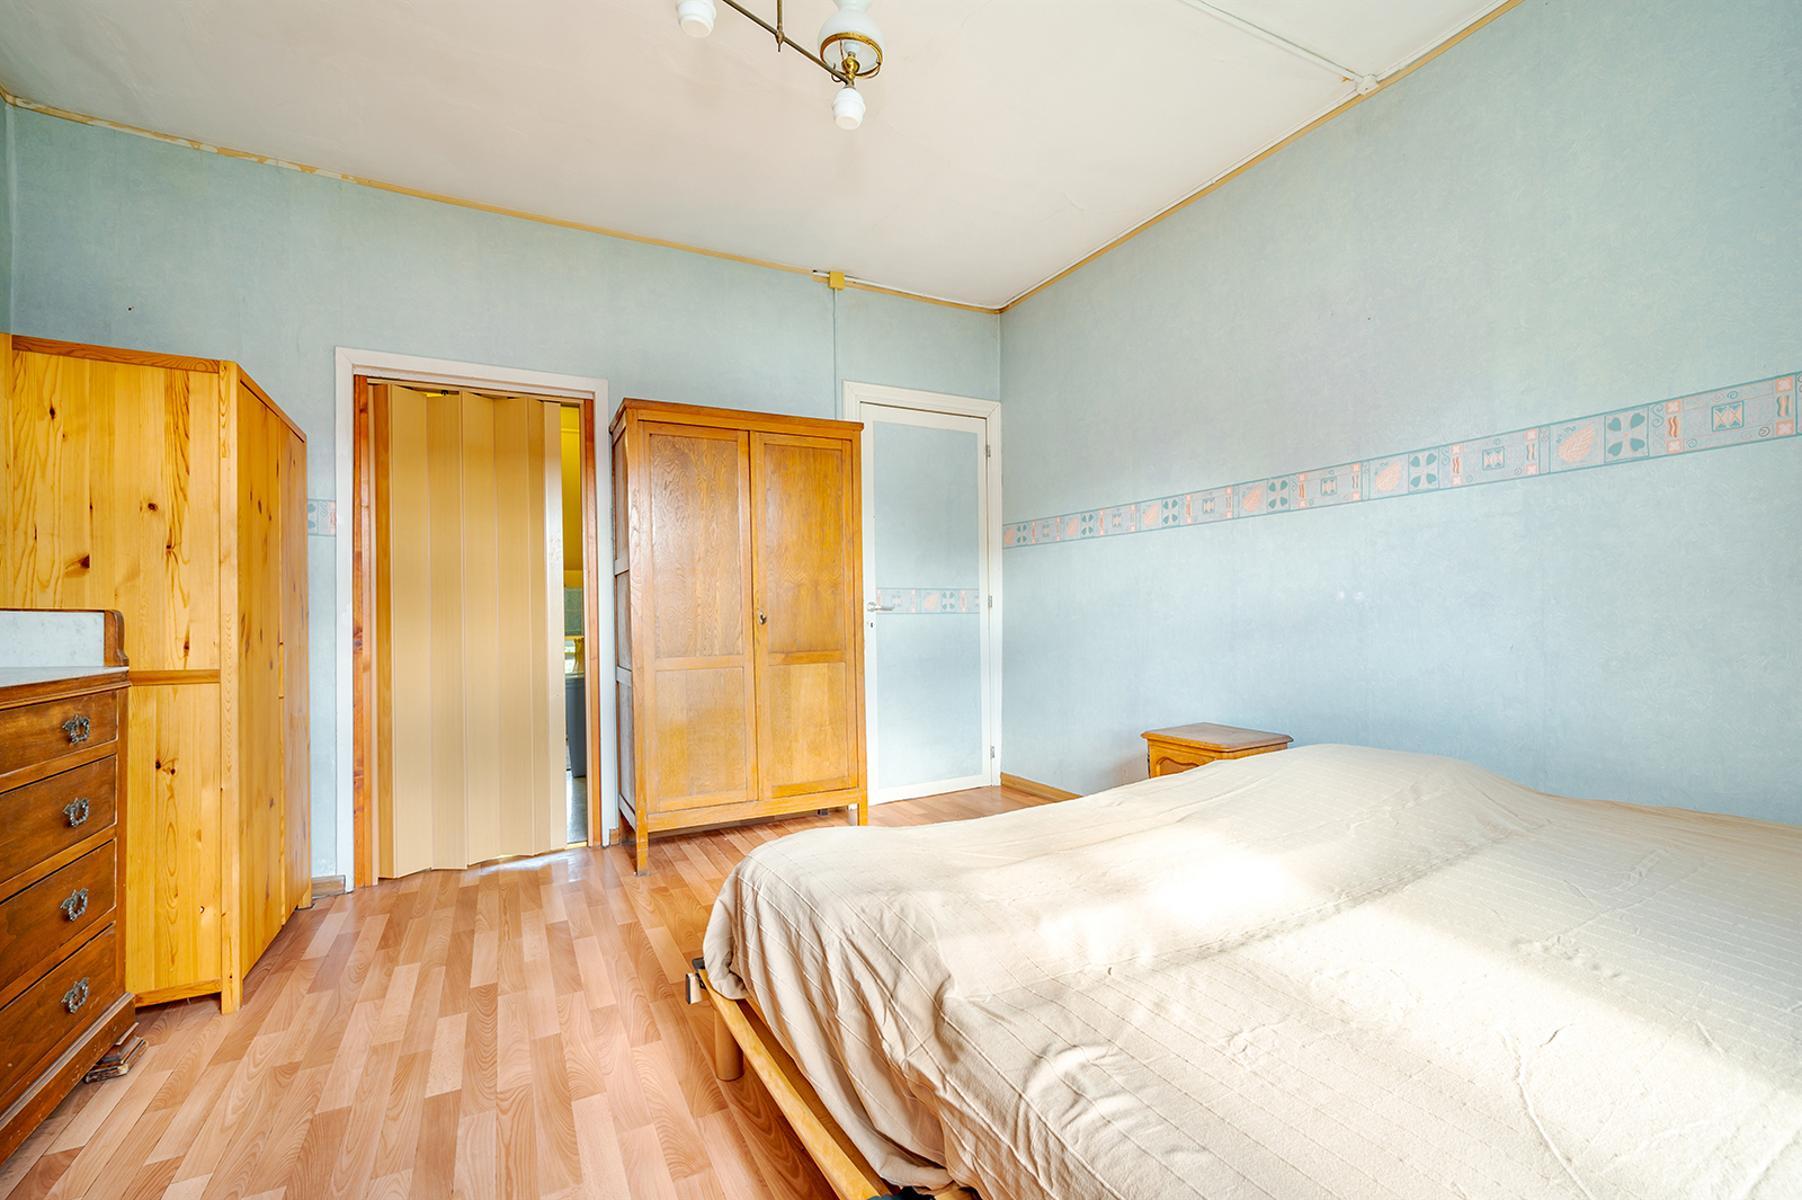 Maison - Braives Villeen-Hesbaye - #4496111-14